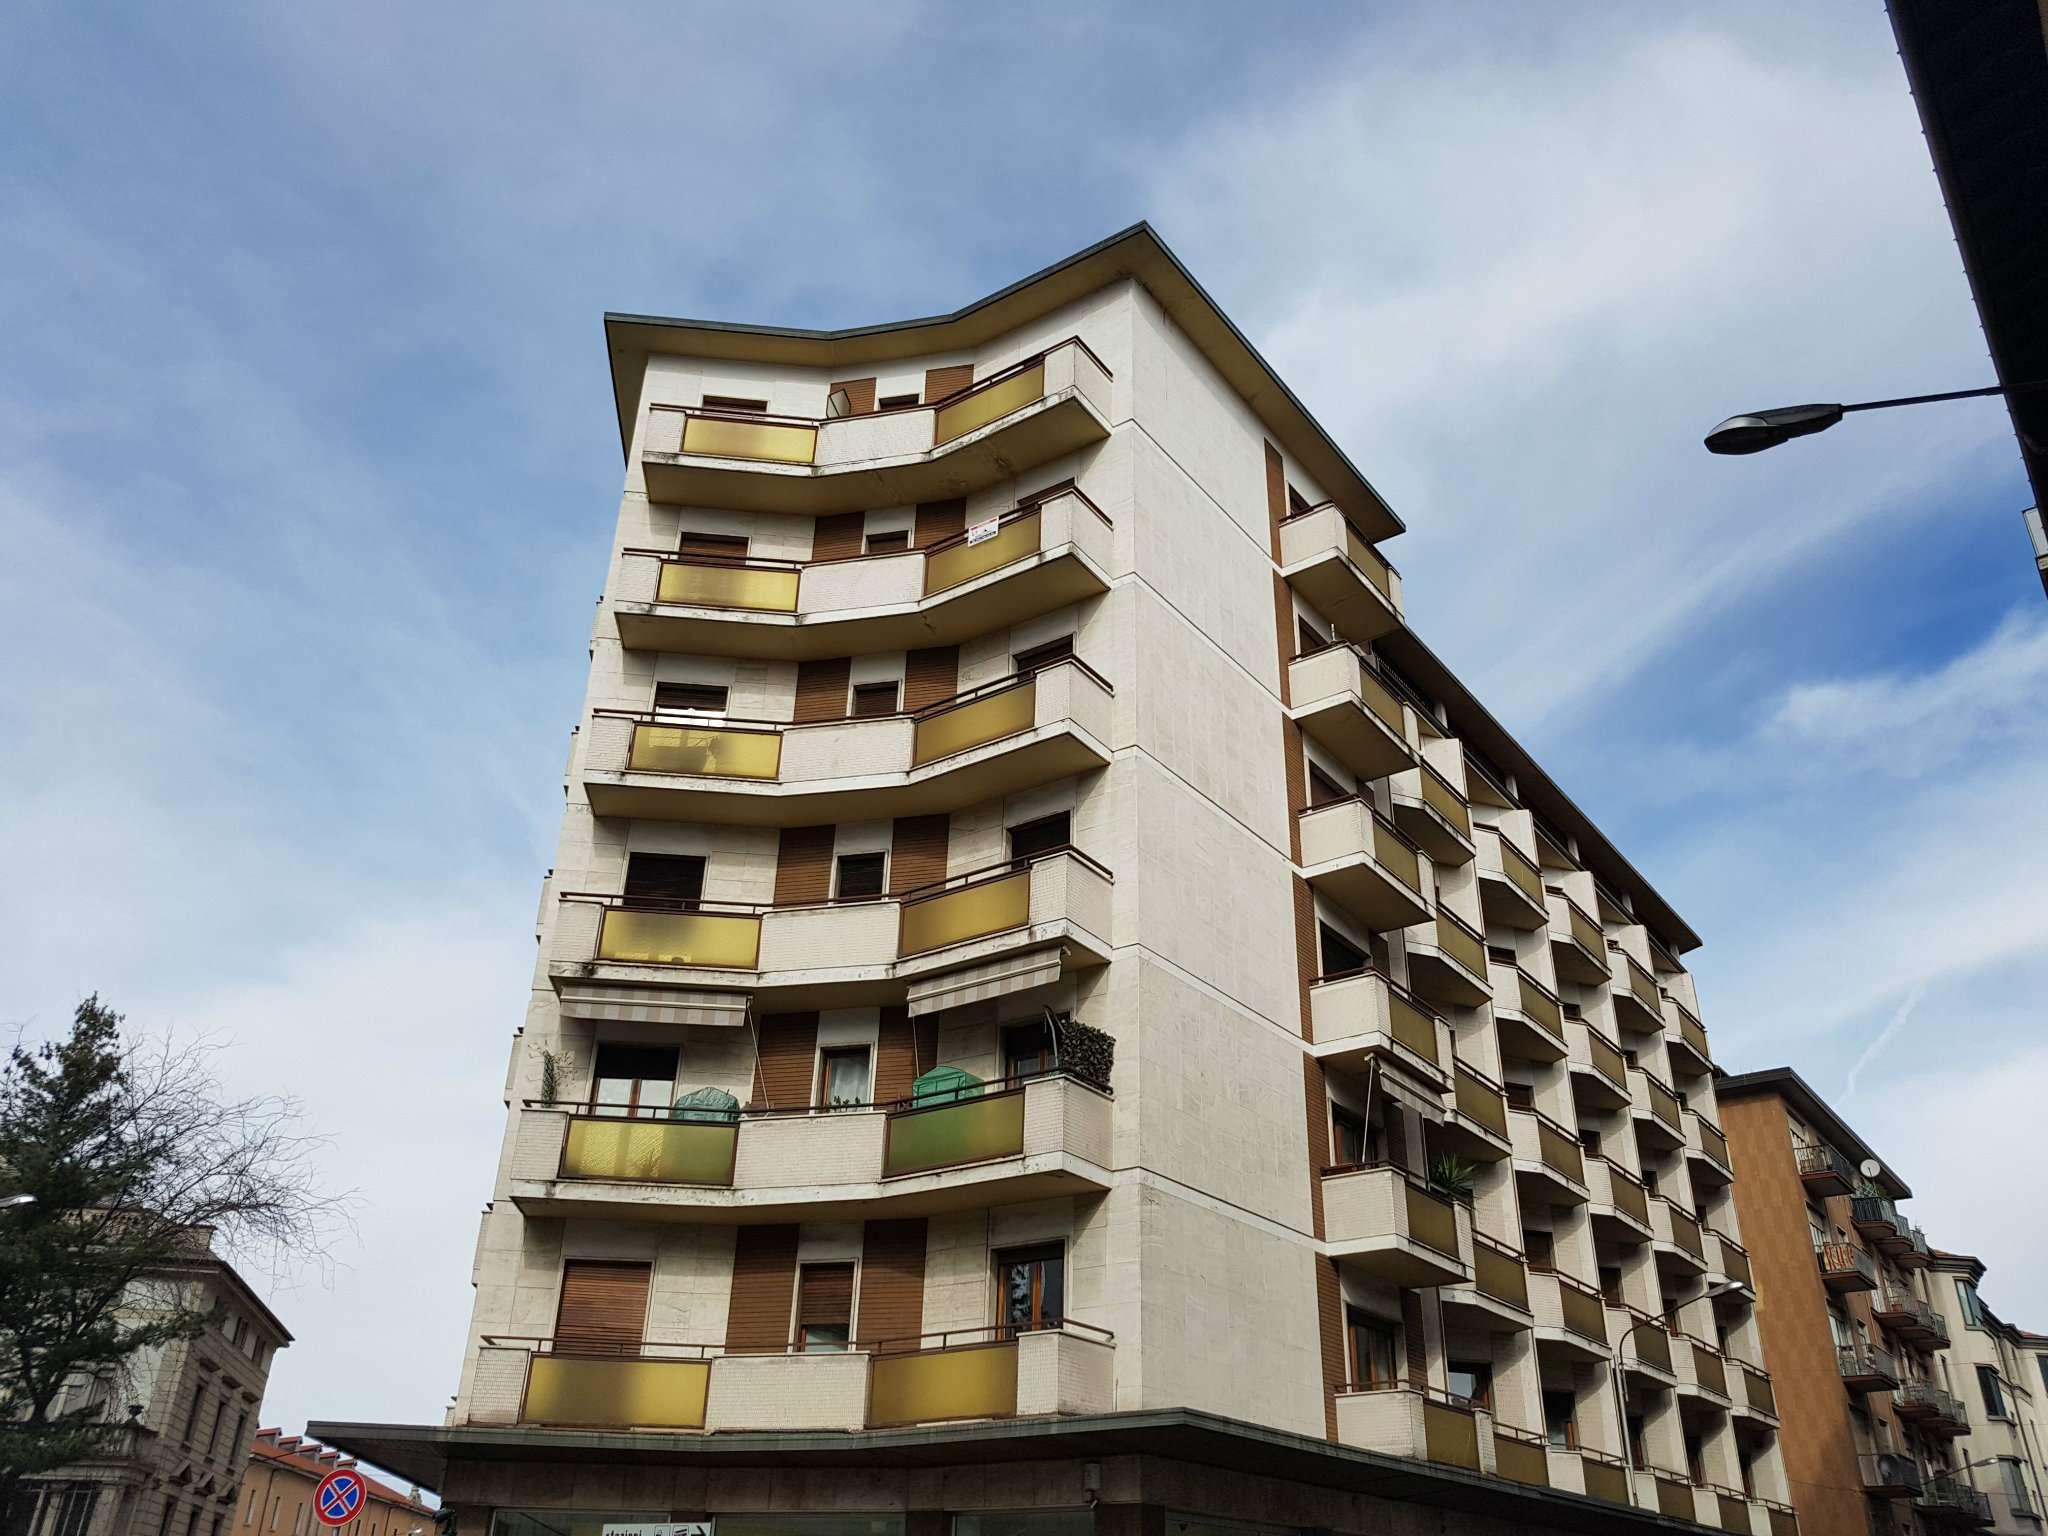 Ufficio / Studio in affitto a Varese, 5 locali, prezzo € 650 | CambioCasa.it